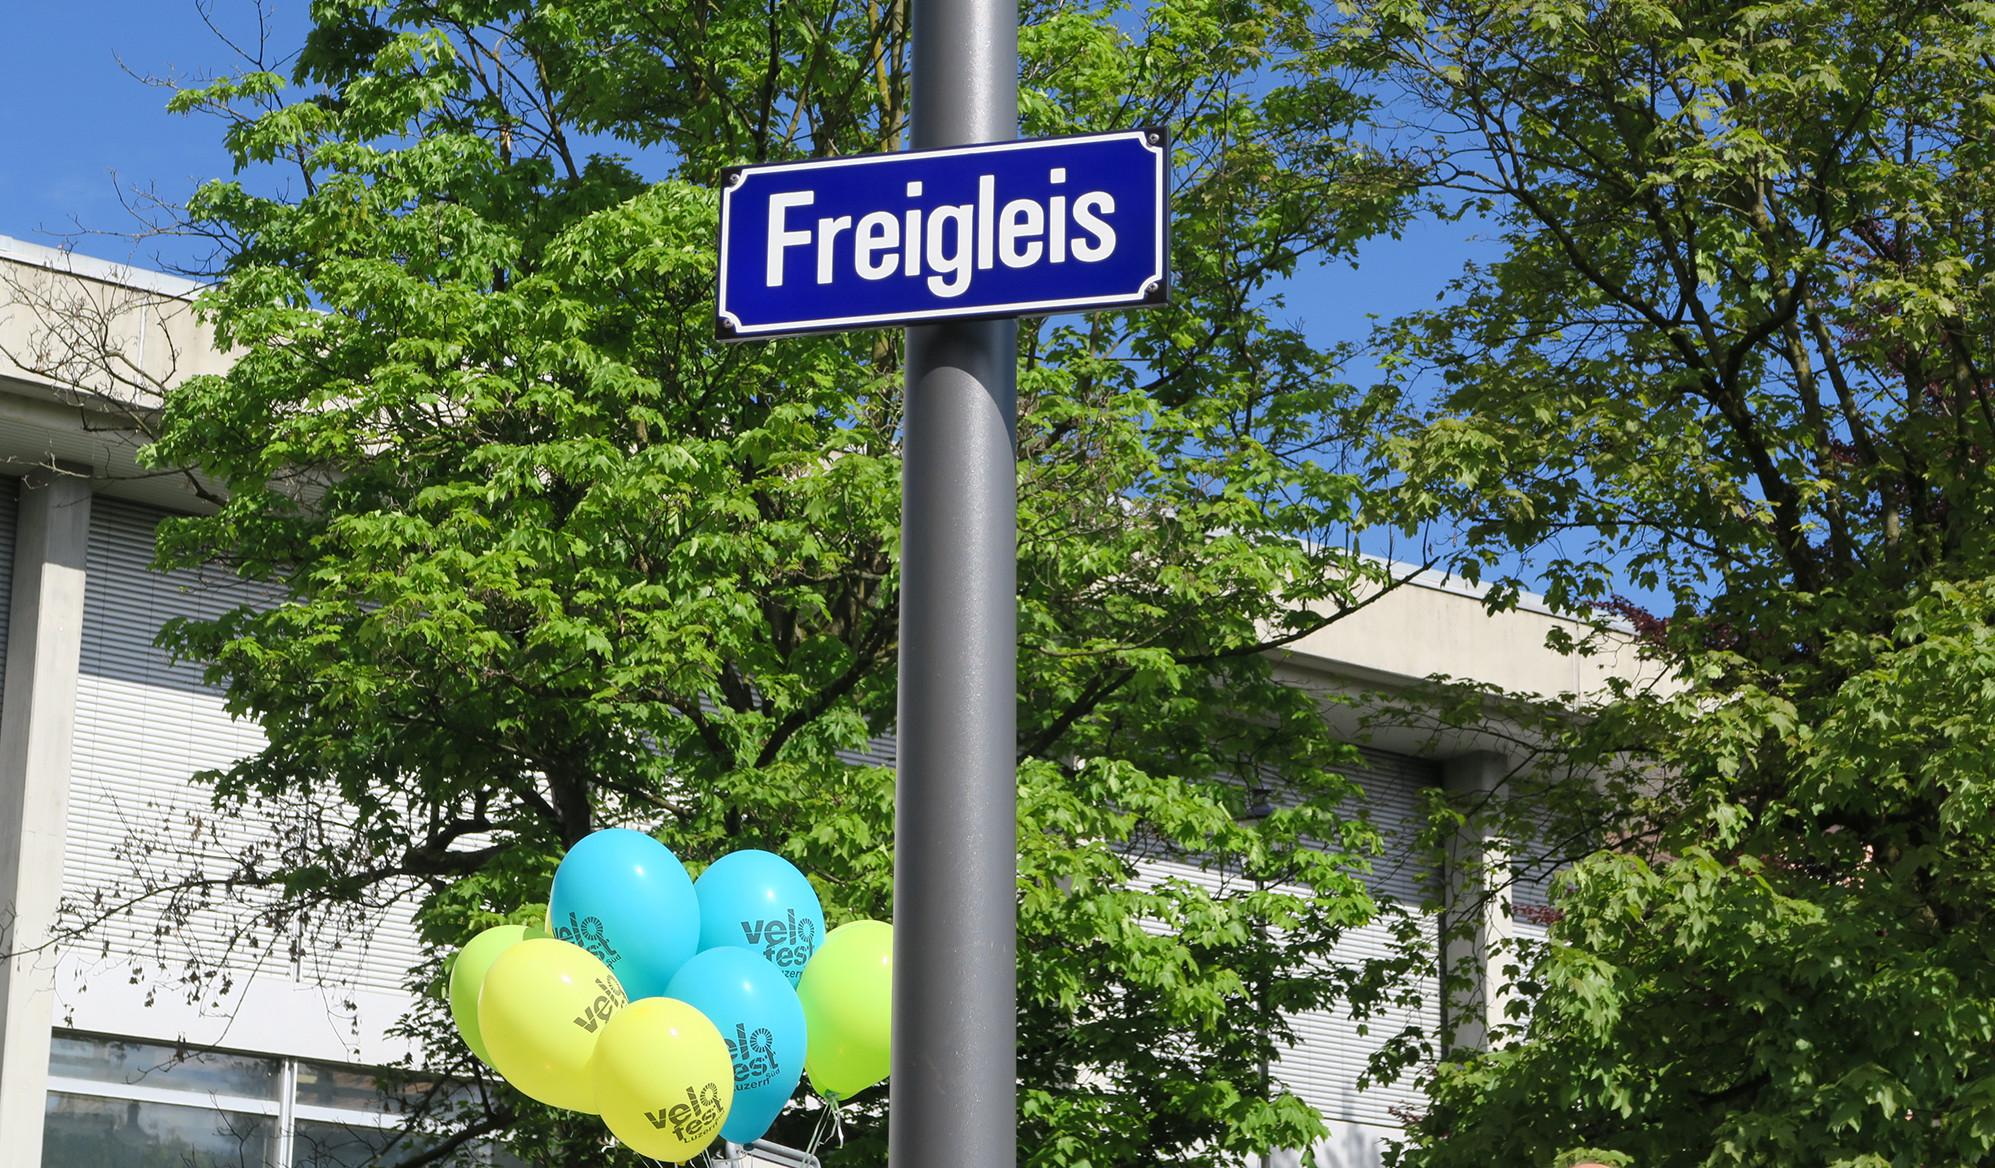 velofest_freigleis-e1494774175497